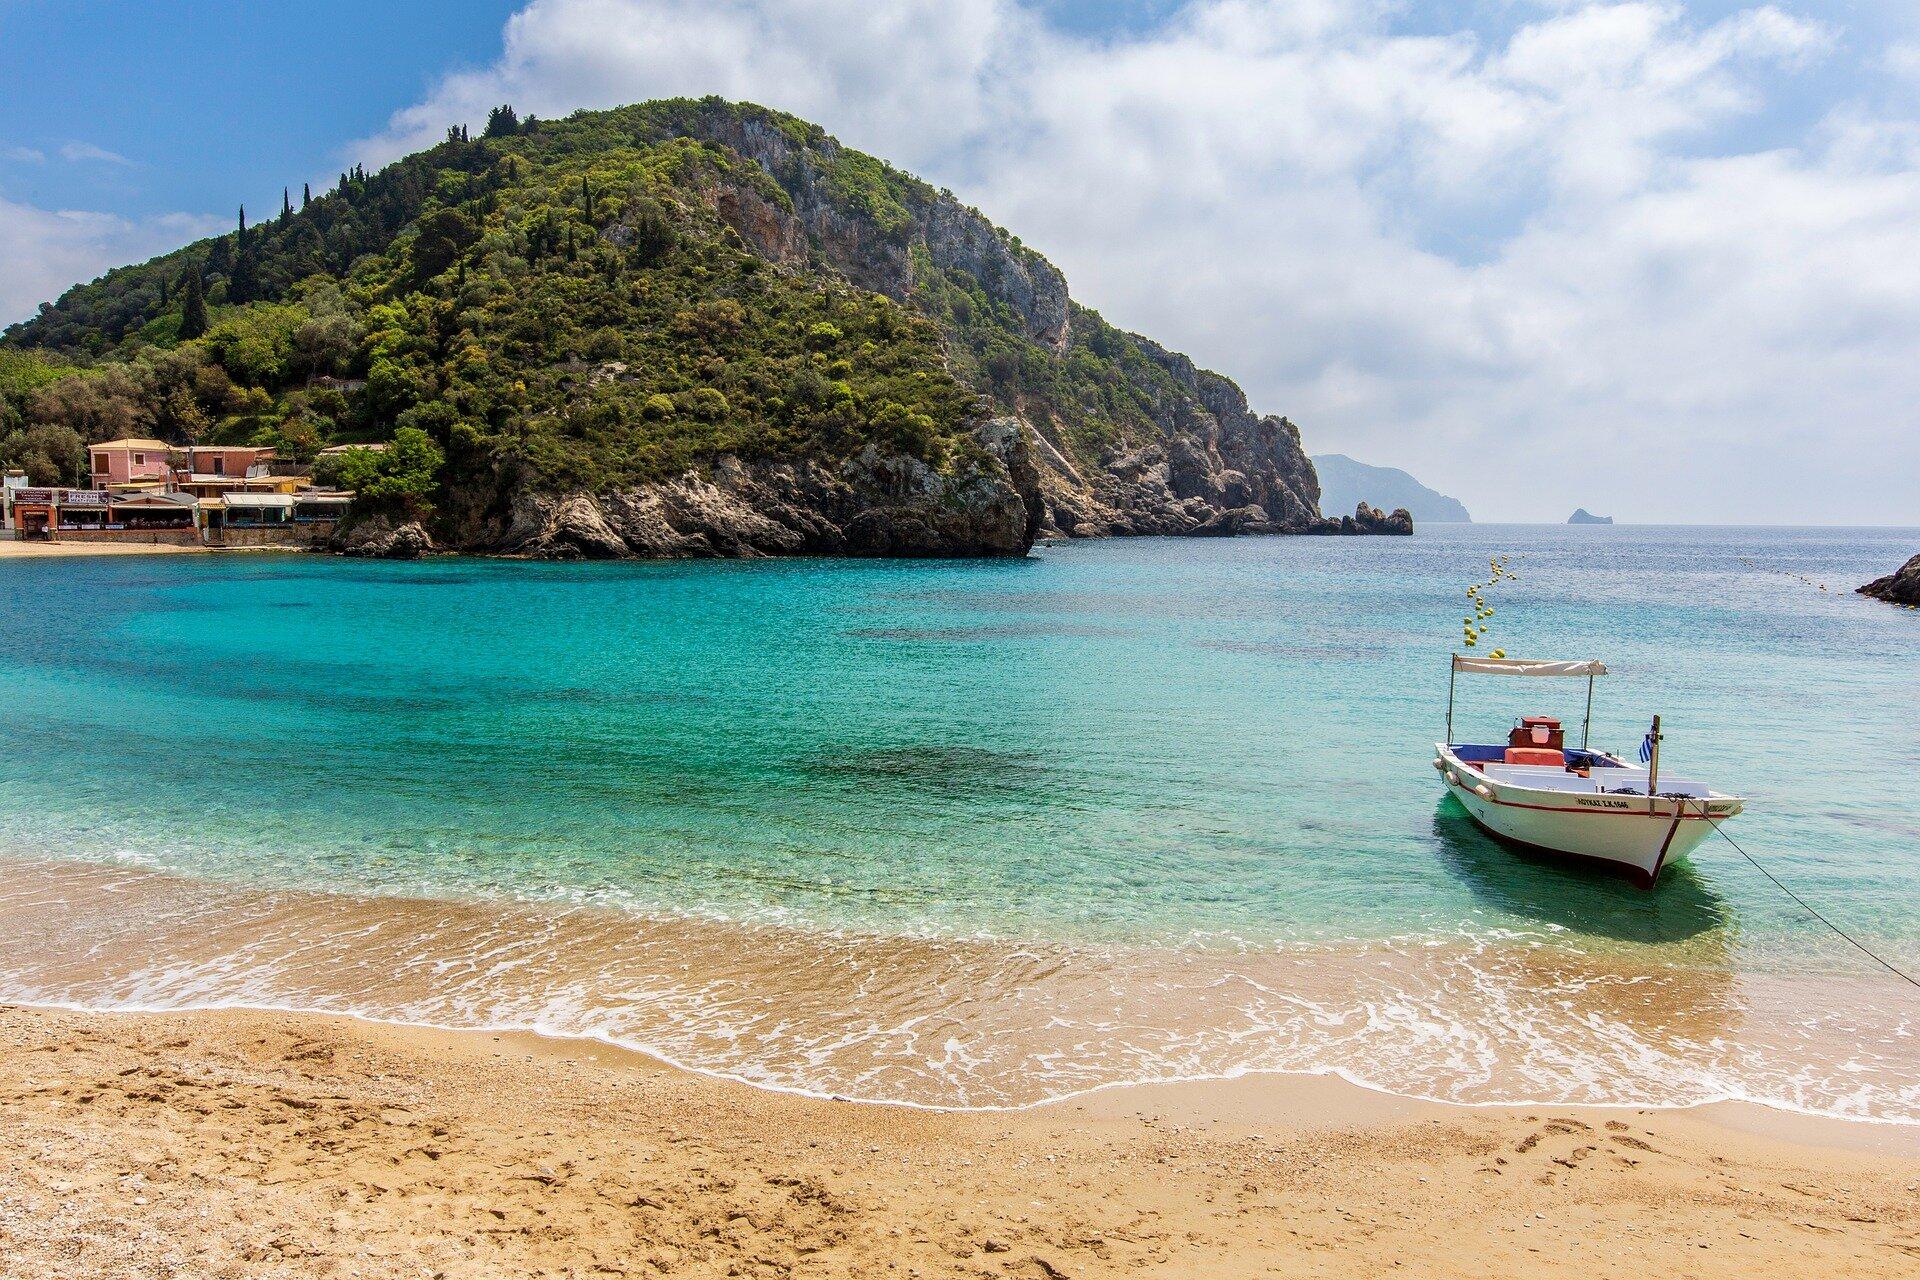 Билет к теплому морю: лучшие страны для комфортного отпуска в июне